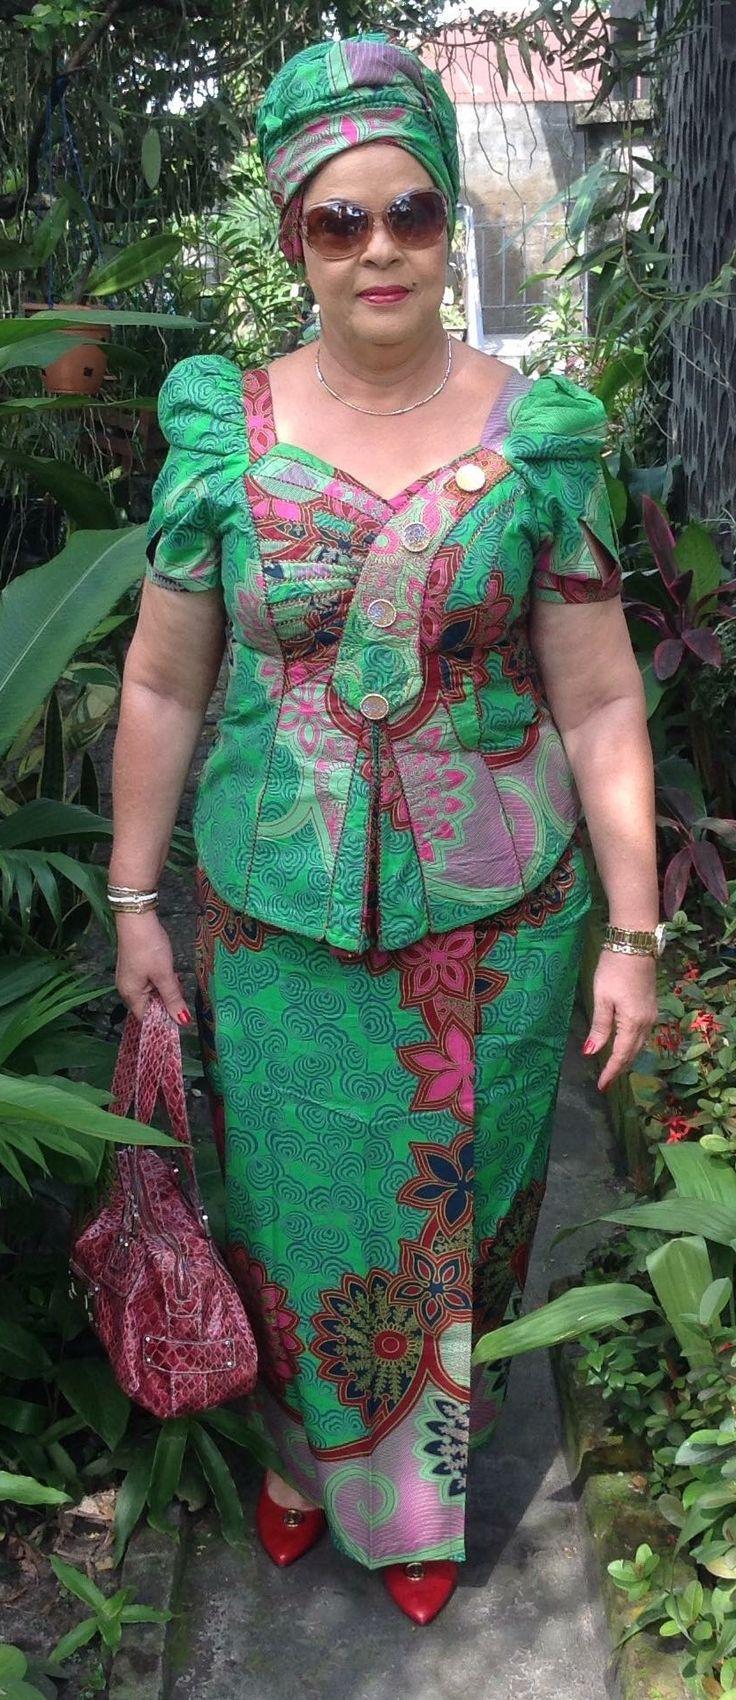 Stacey Mweembe fashions